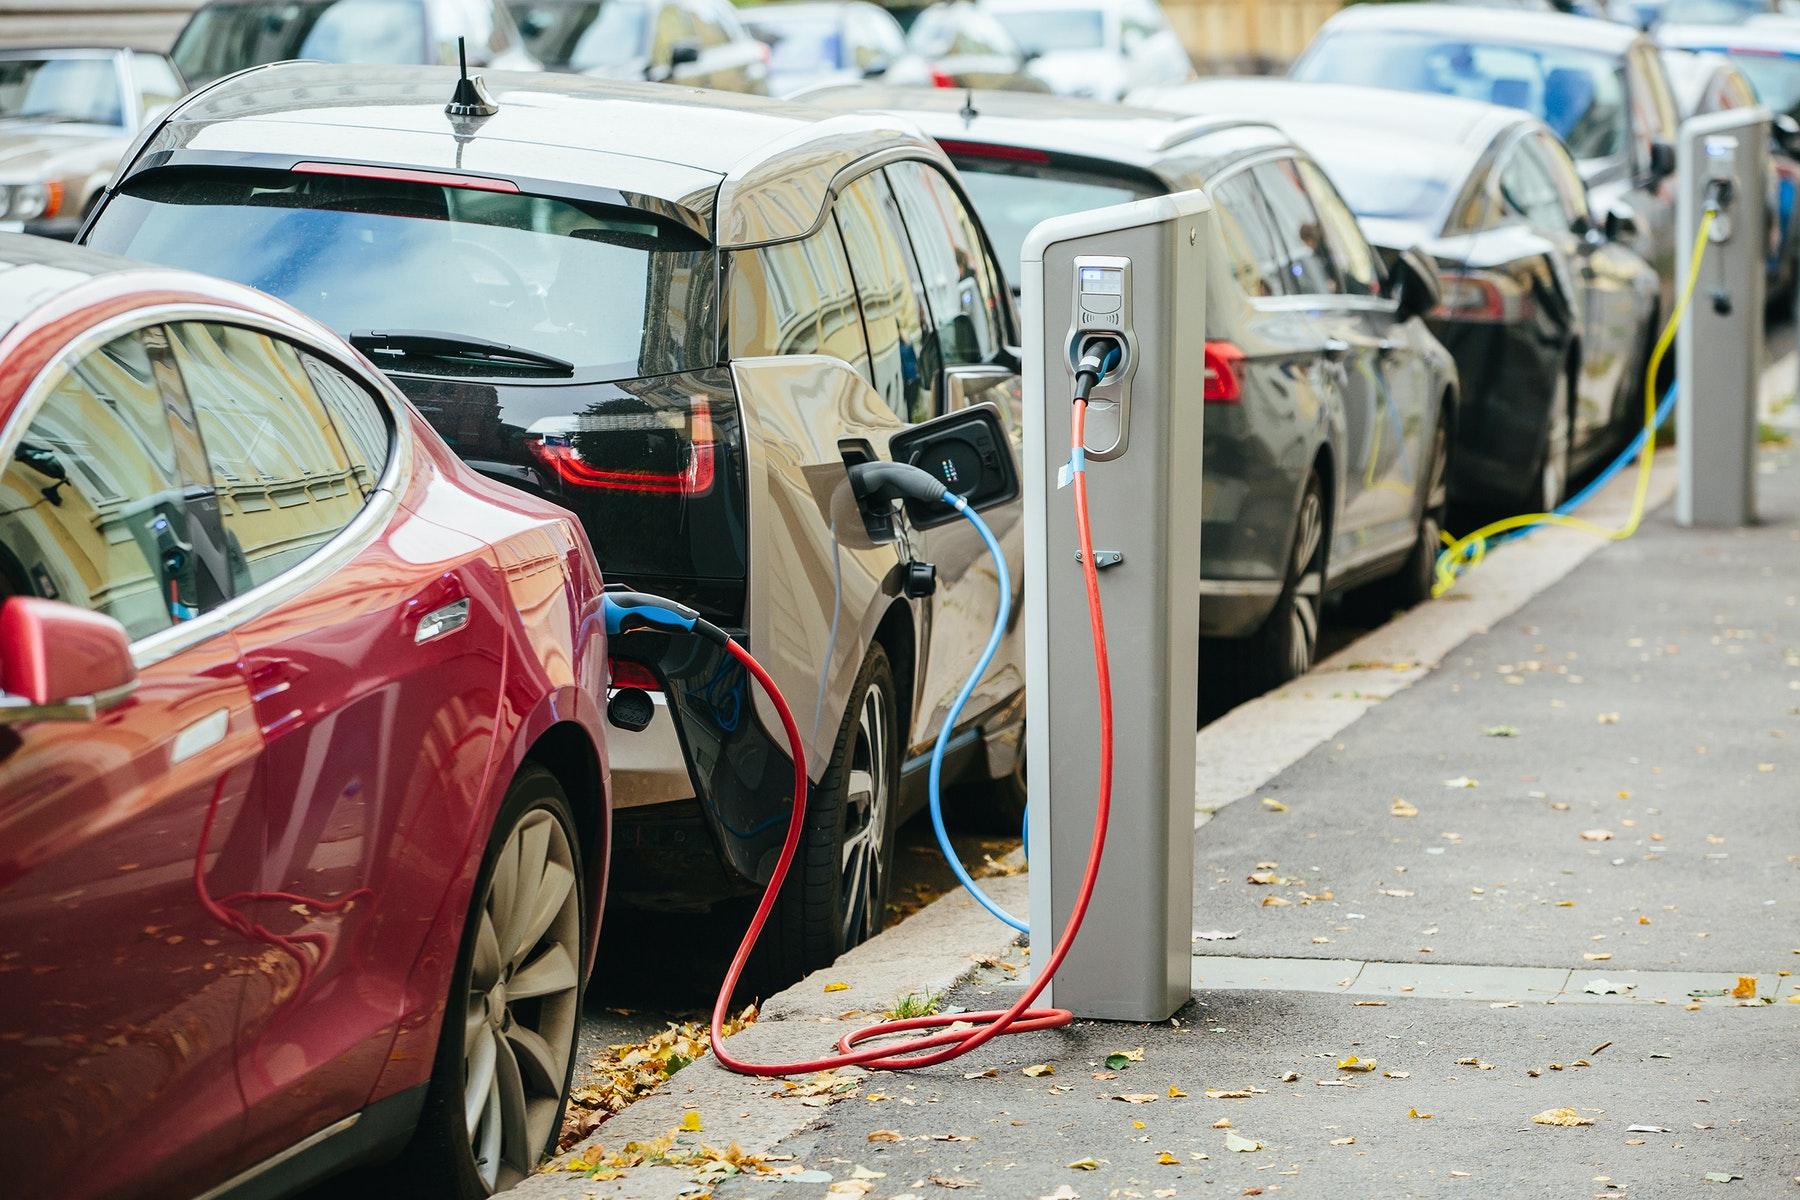 इलेक्ट्रिक वाहनों (Electric-vehicles) पर आयात करों को तेजी से कम करने के लिए टेस्ला ने भारत की पैरवी की